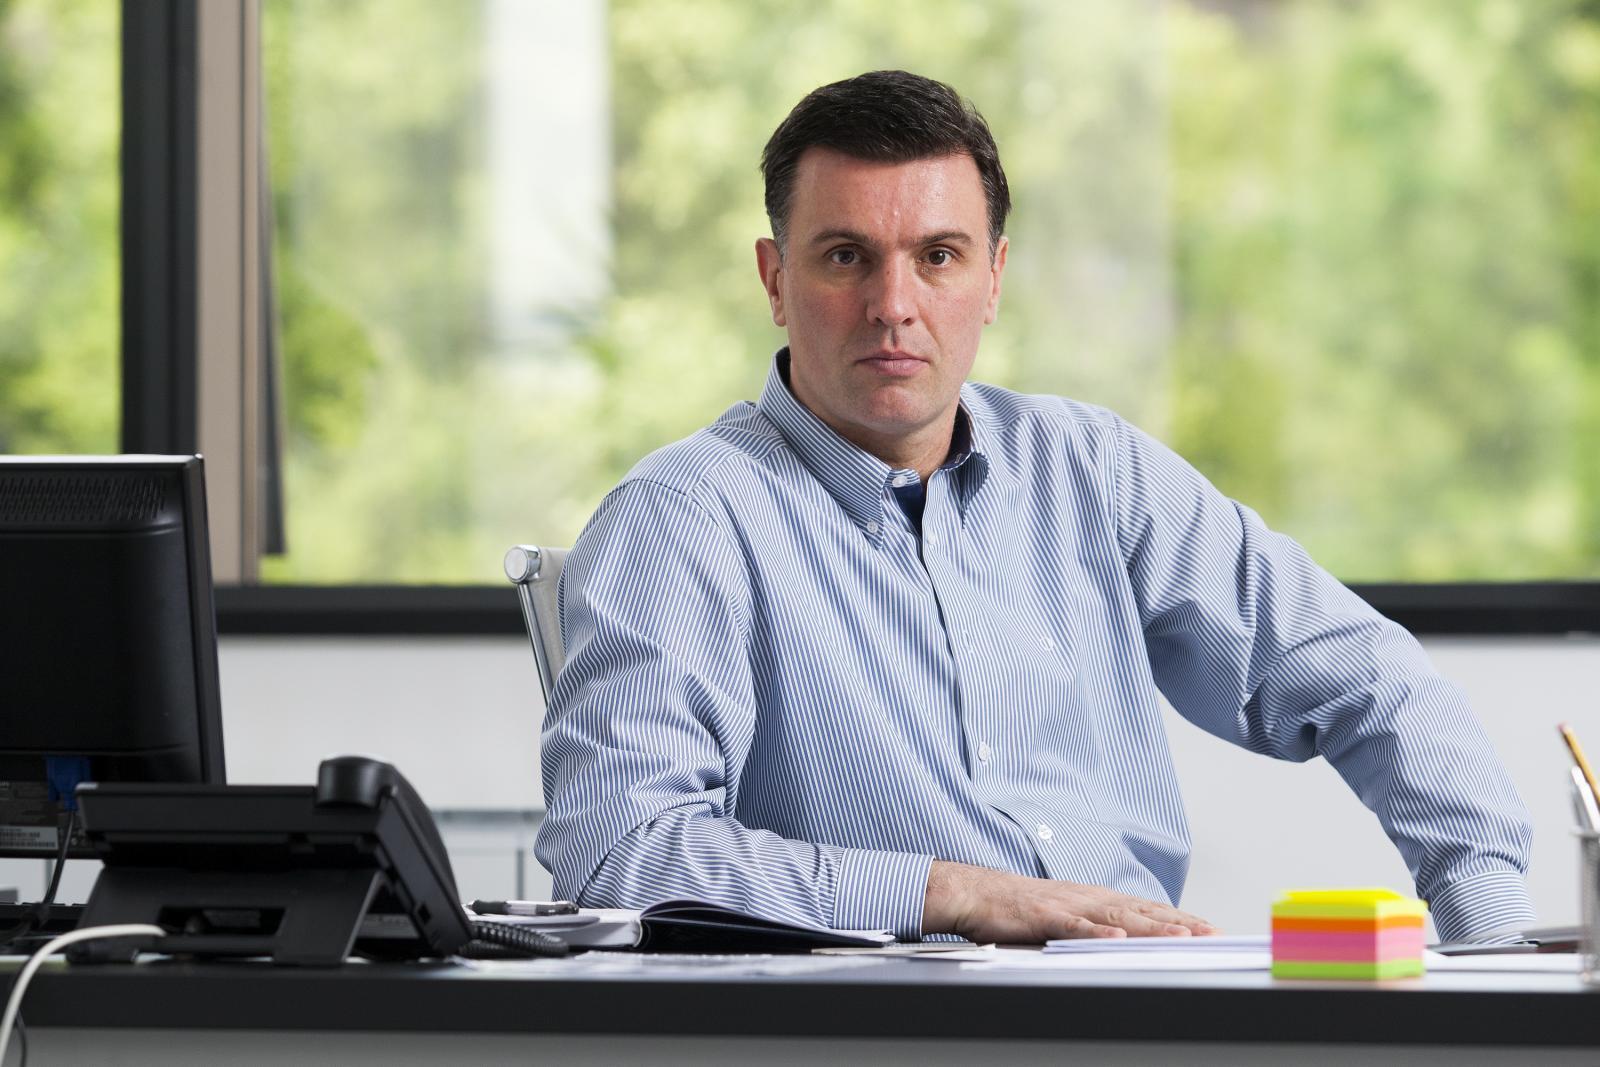 Predsjednik Hrvatske liječničke komore Trpimir Goluža upozorava na zabrinjavajuću situaciju i poziva na konkretne mjere da se zaustavi odljev visokih kadrova.